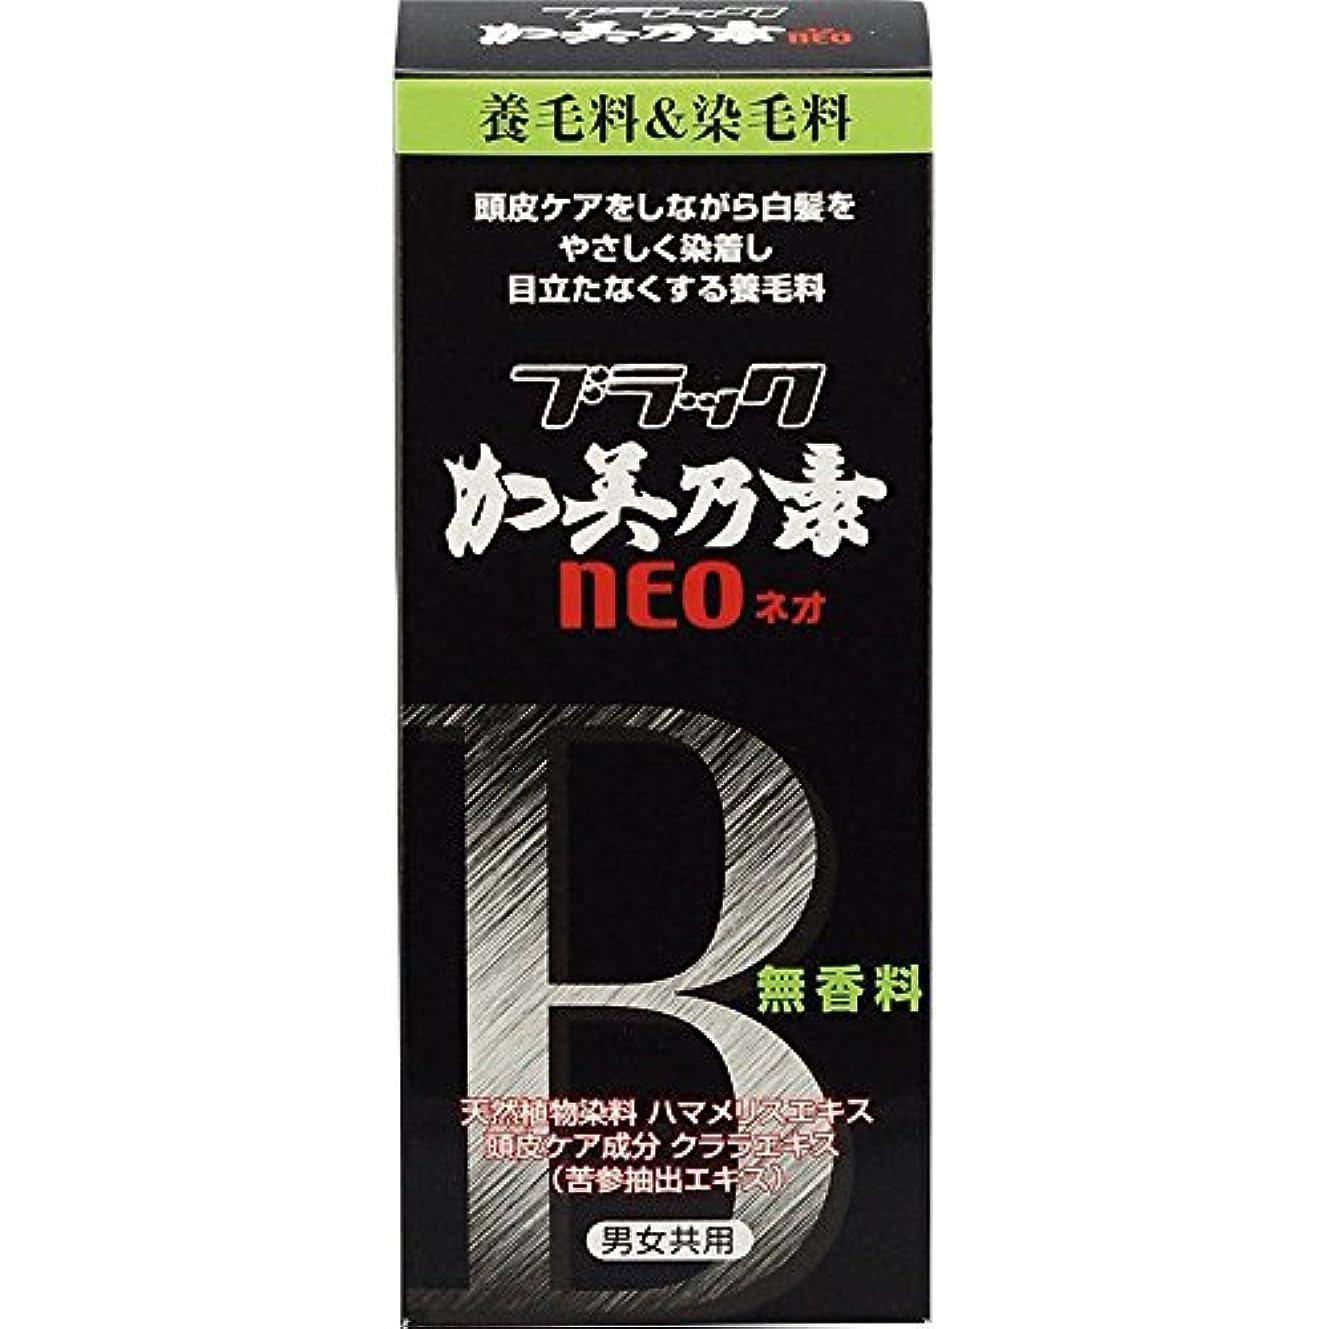 入浴コンチネンタル上昇ブラック加美乃素NEO 無香料 150mL